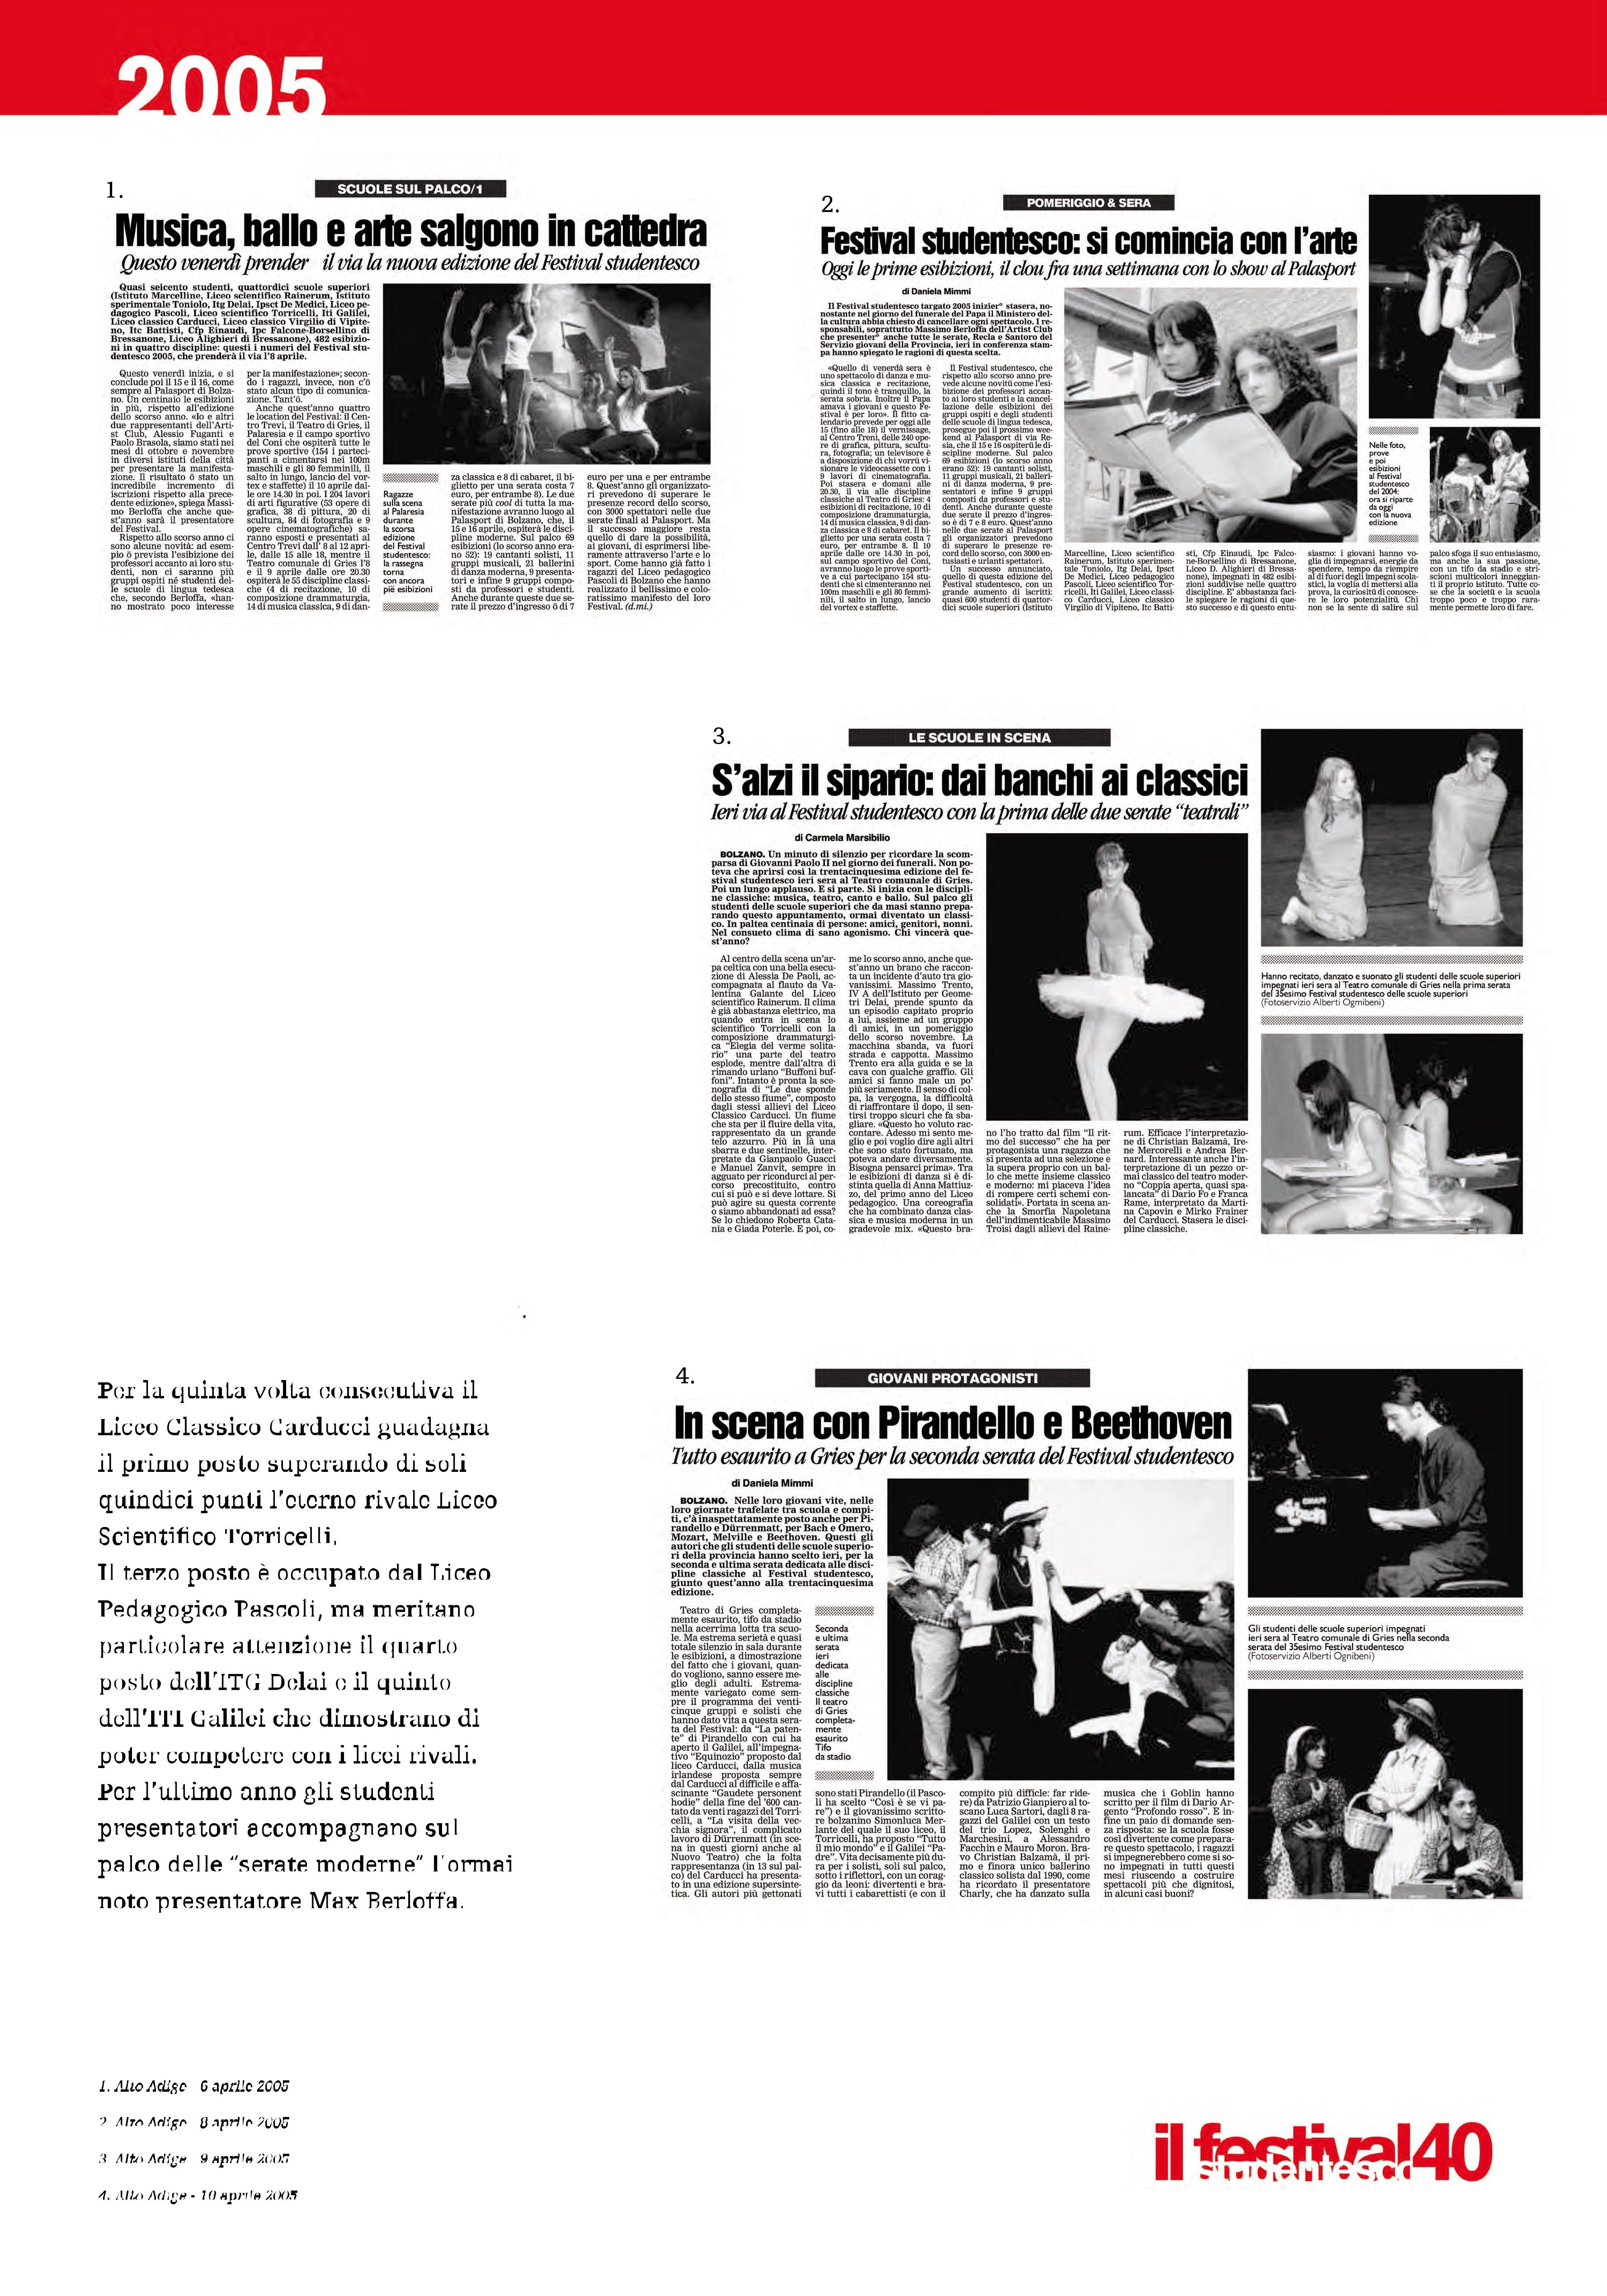 2005_1-2.jpg